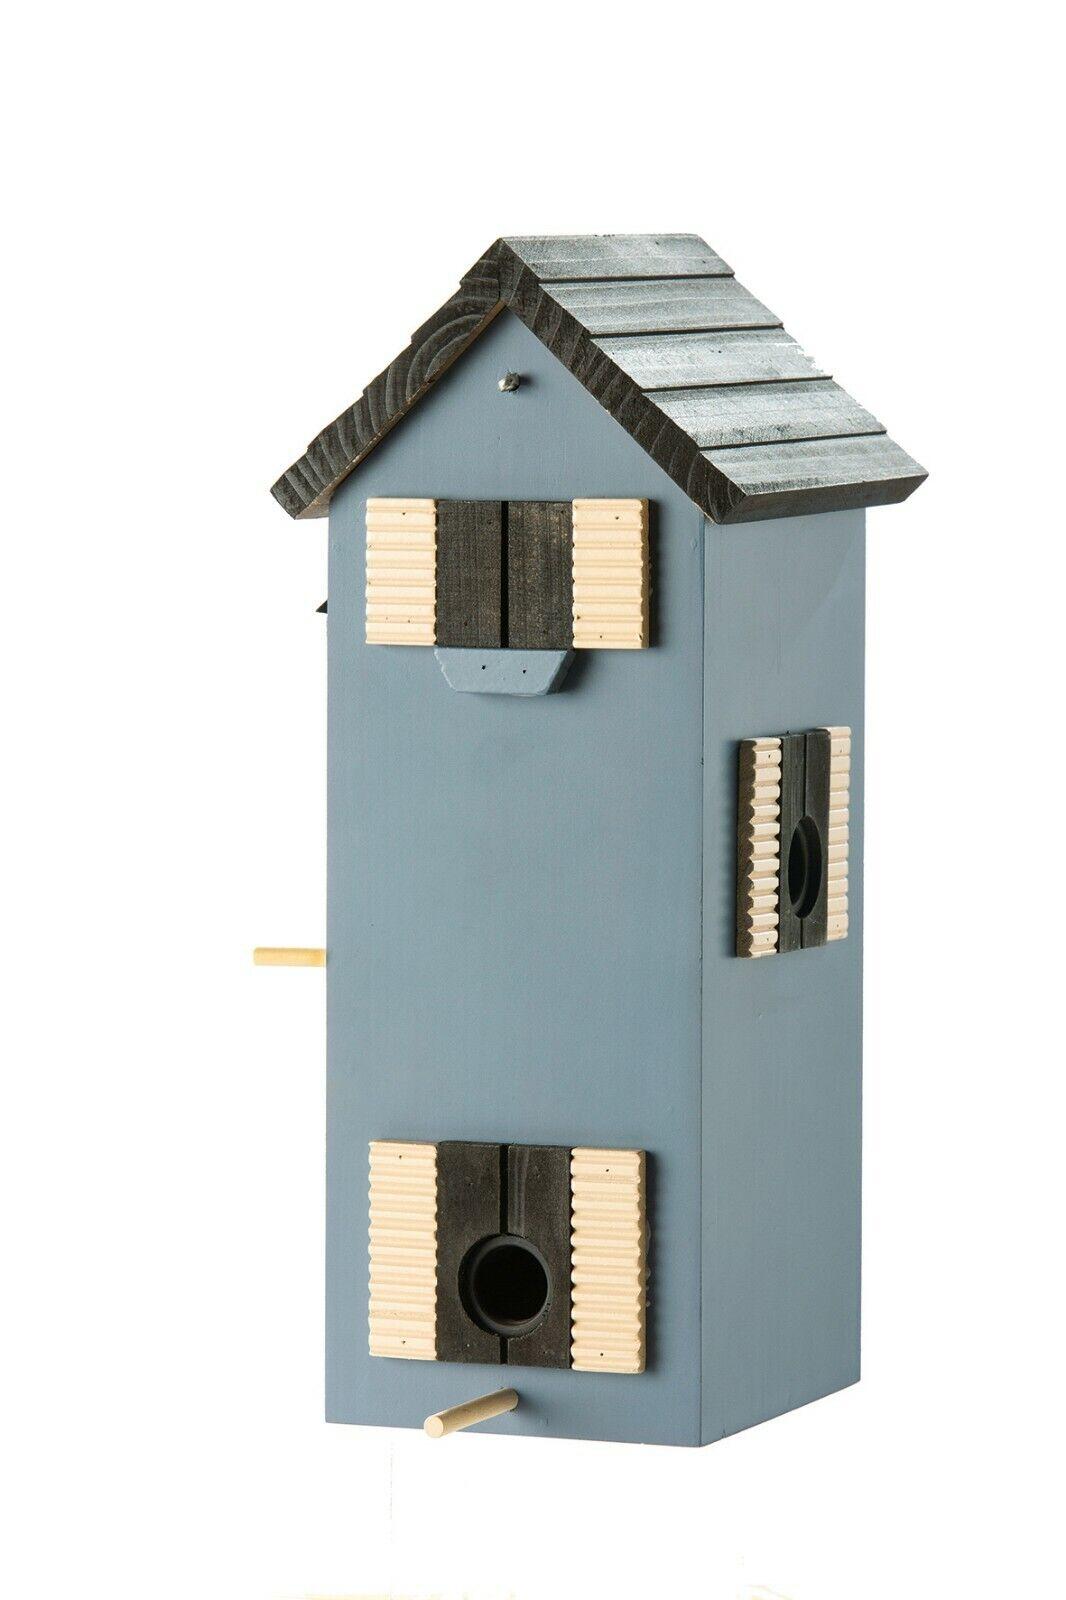 Futterspender vogelhaus nistplatz brutplatz garten terrasse blau 33cm | Sale  | Grüne, neue Technologie  | Sale